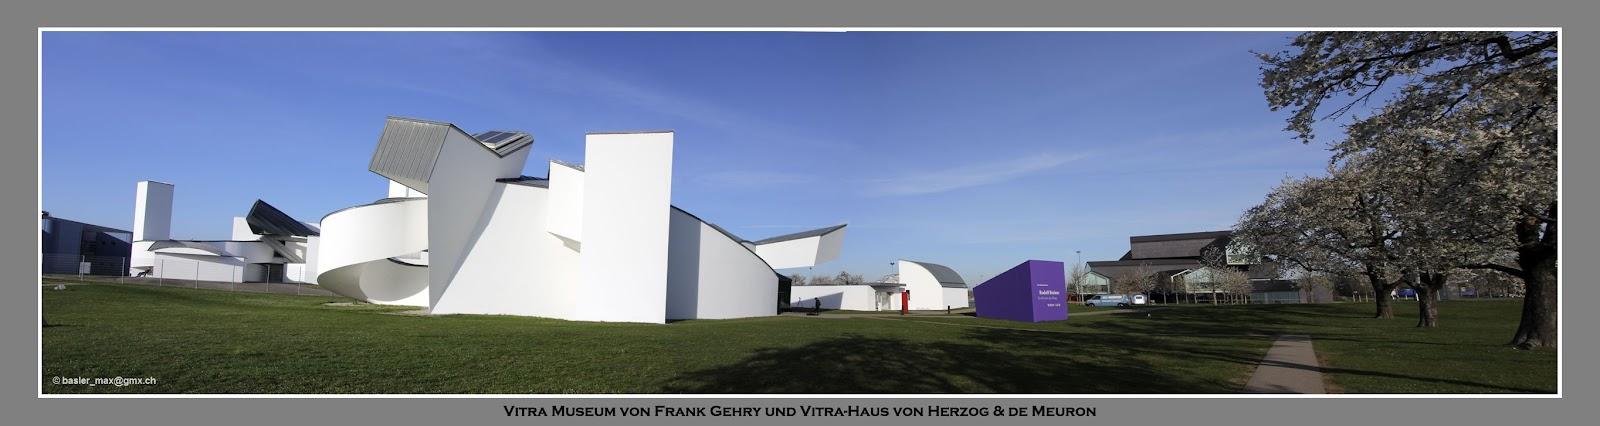 frank gehry architektur